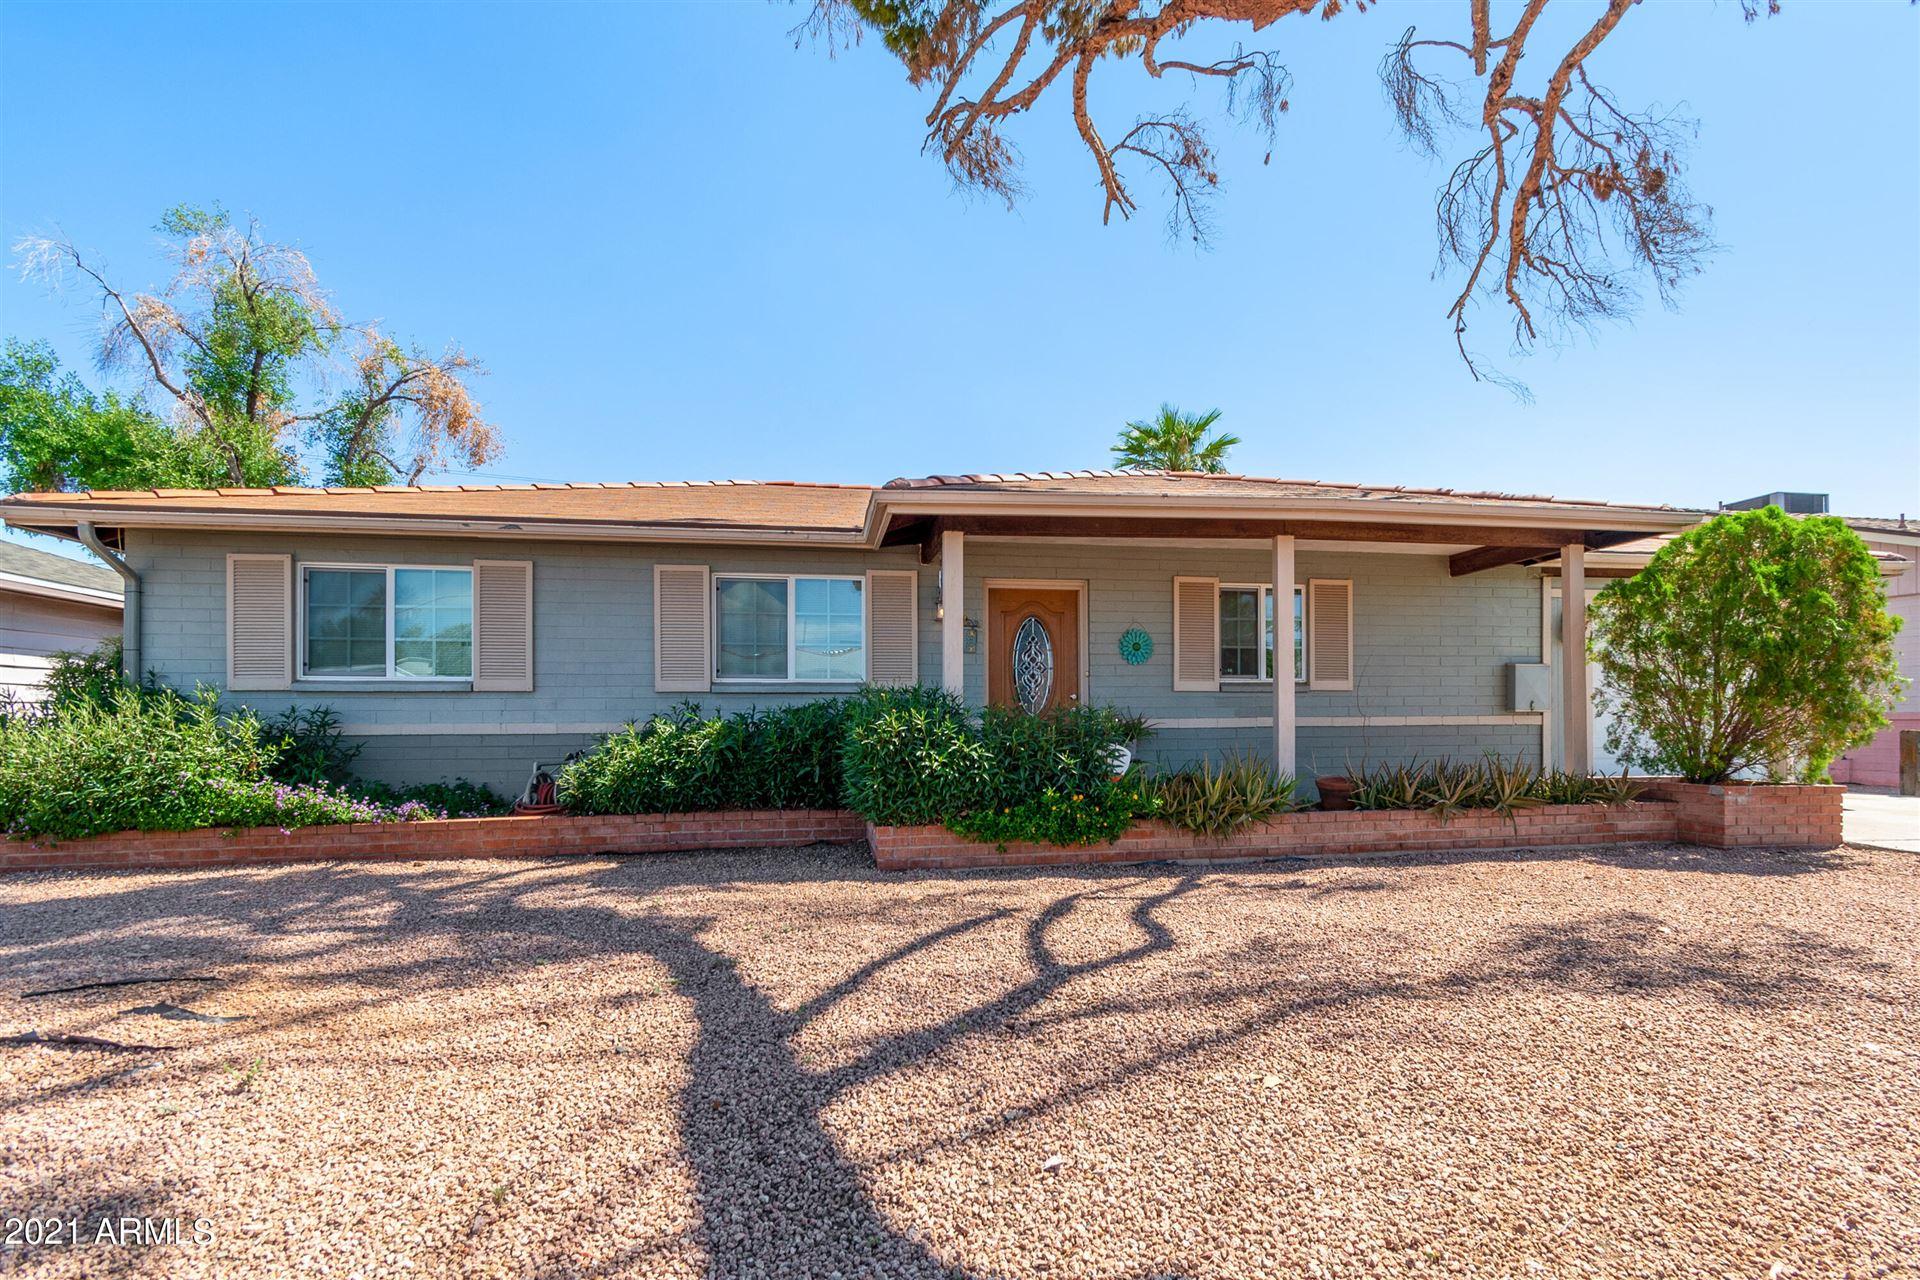 2033 W MONTEBELLO Avenue, Phoenix, AZ 85015 - MLS#: 6266871